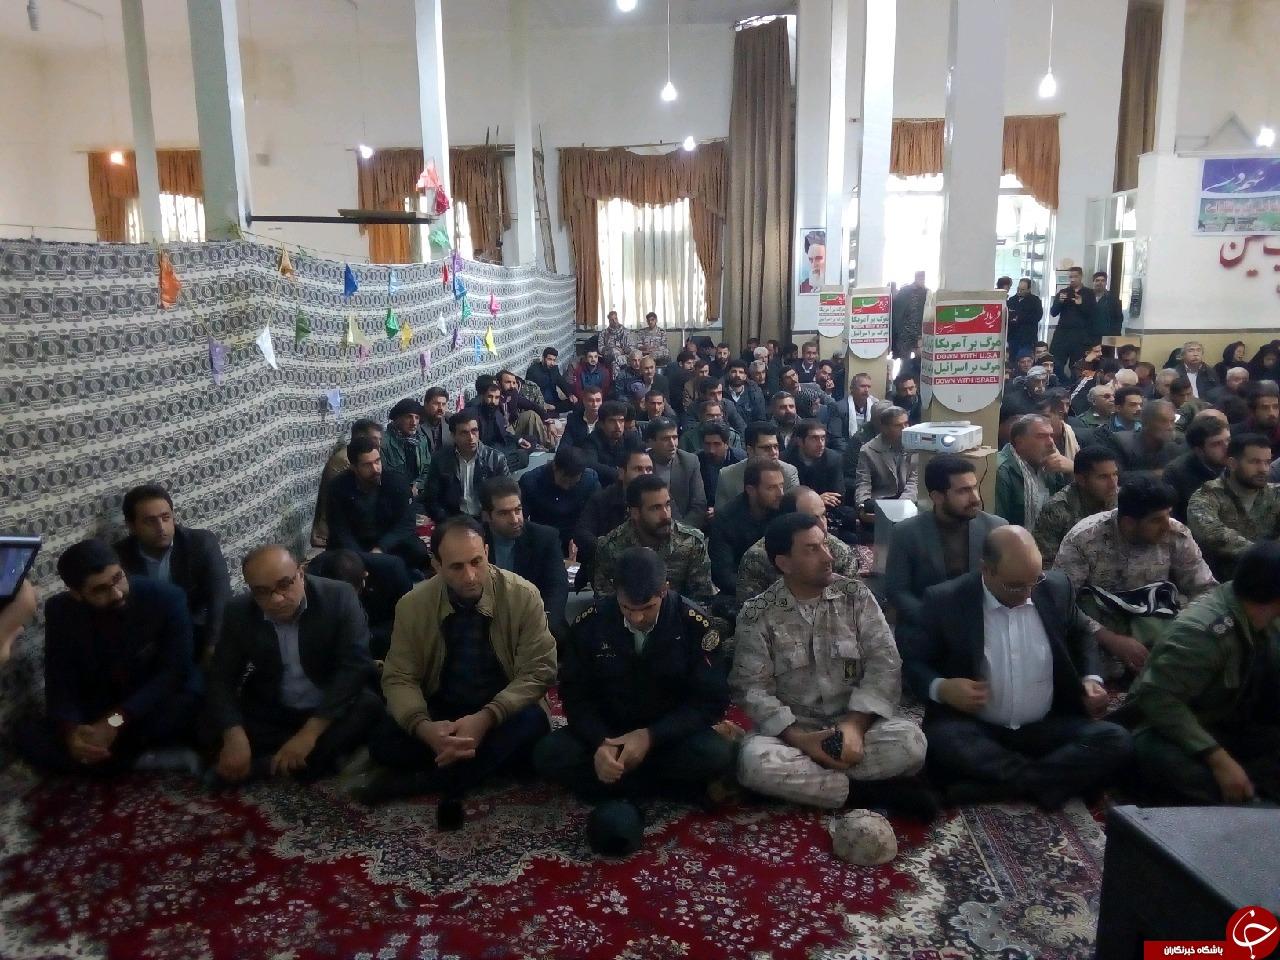 برگزاری مراسم باشکو ۹ دی در کرمانشاه +تصاویر